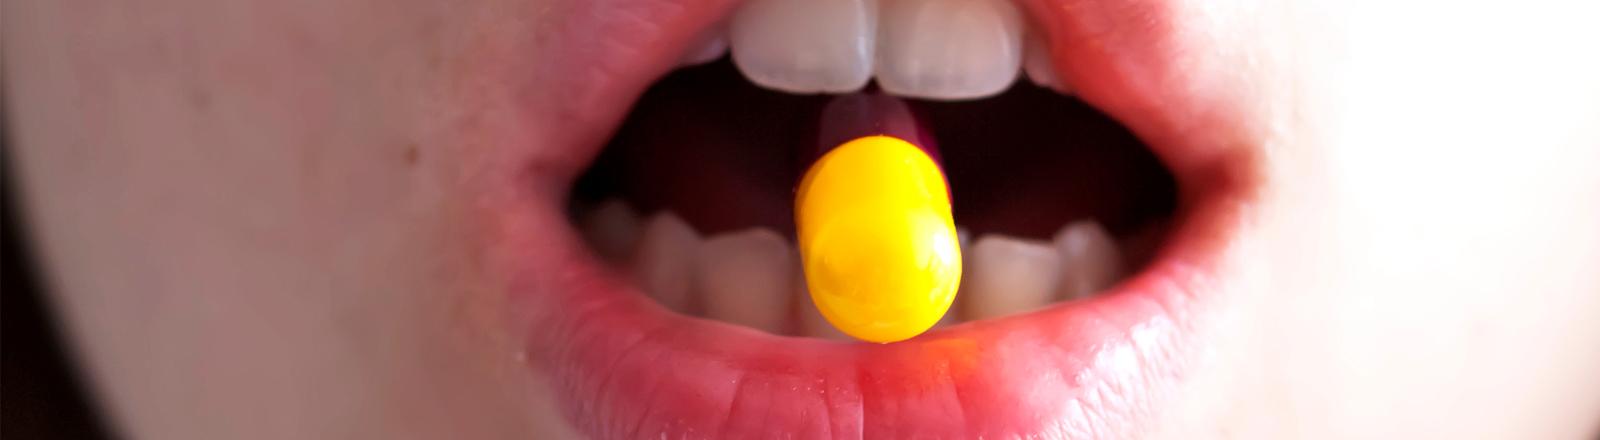 Eine Frau hat eine bunte Pille zwischen den Zähnen